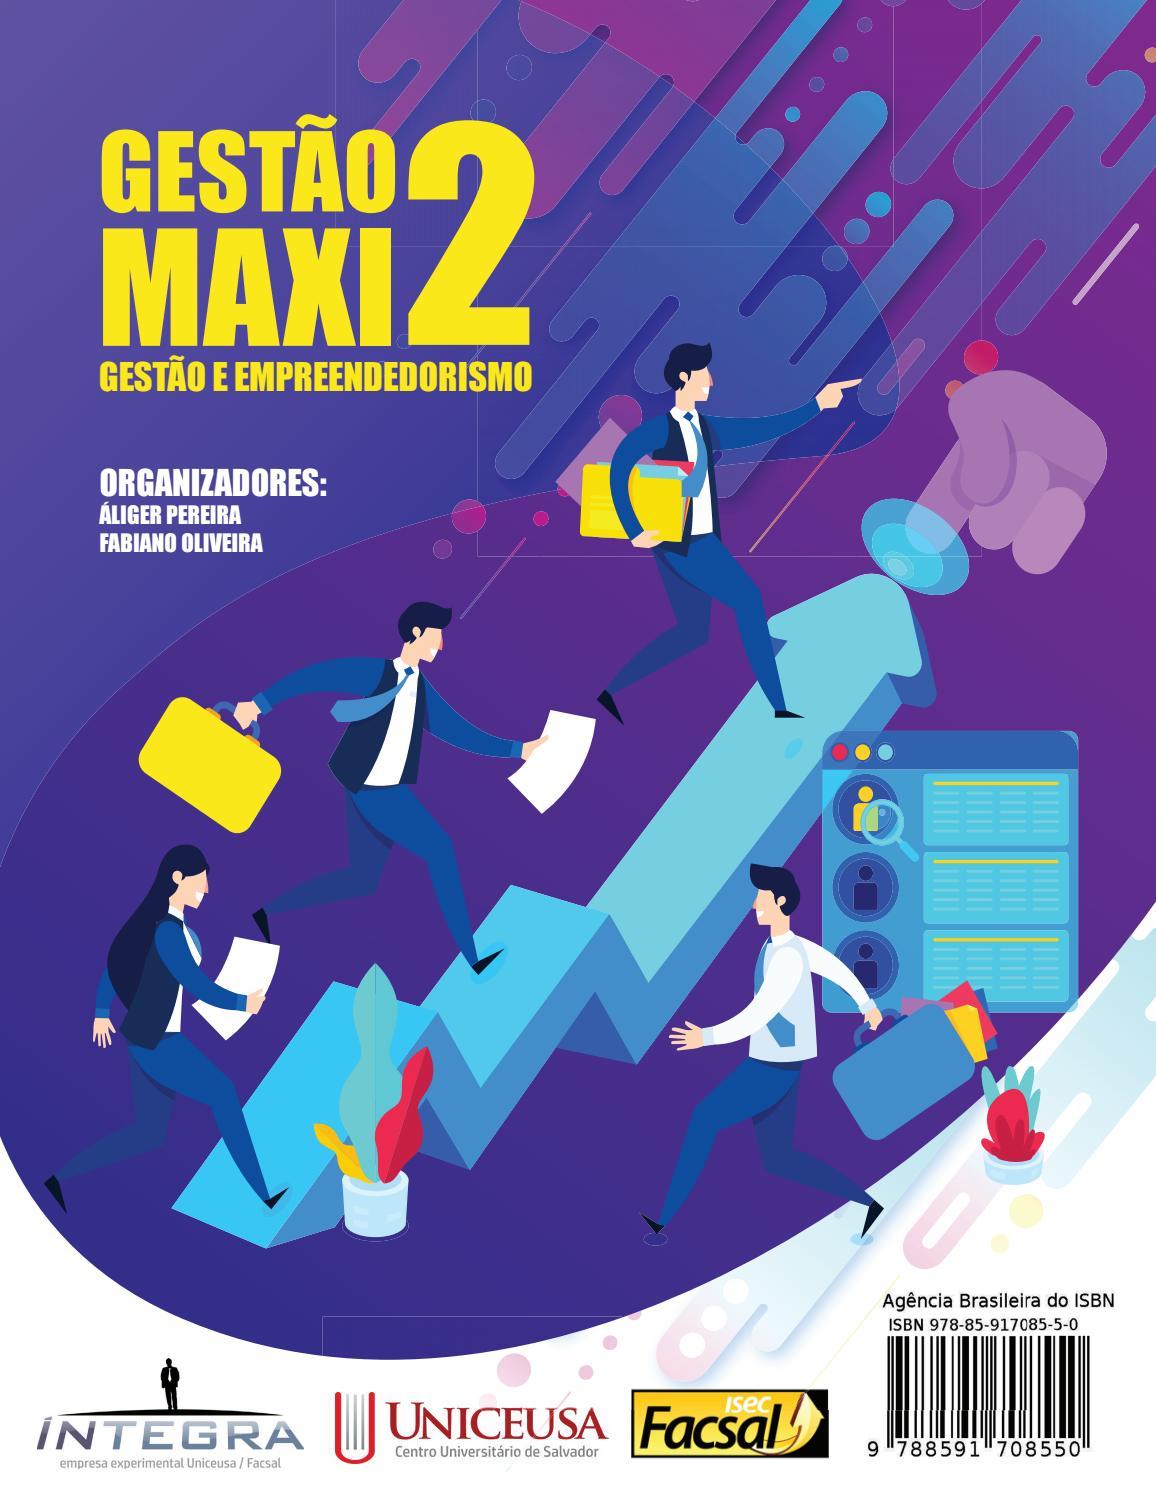 7a58304b9 Gestão Maxi 2: gestão e empreendedorismo by IBES VoceAdm - issuu